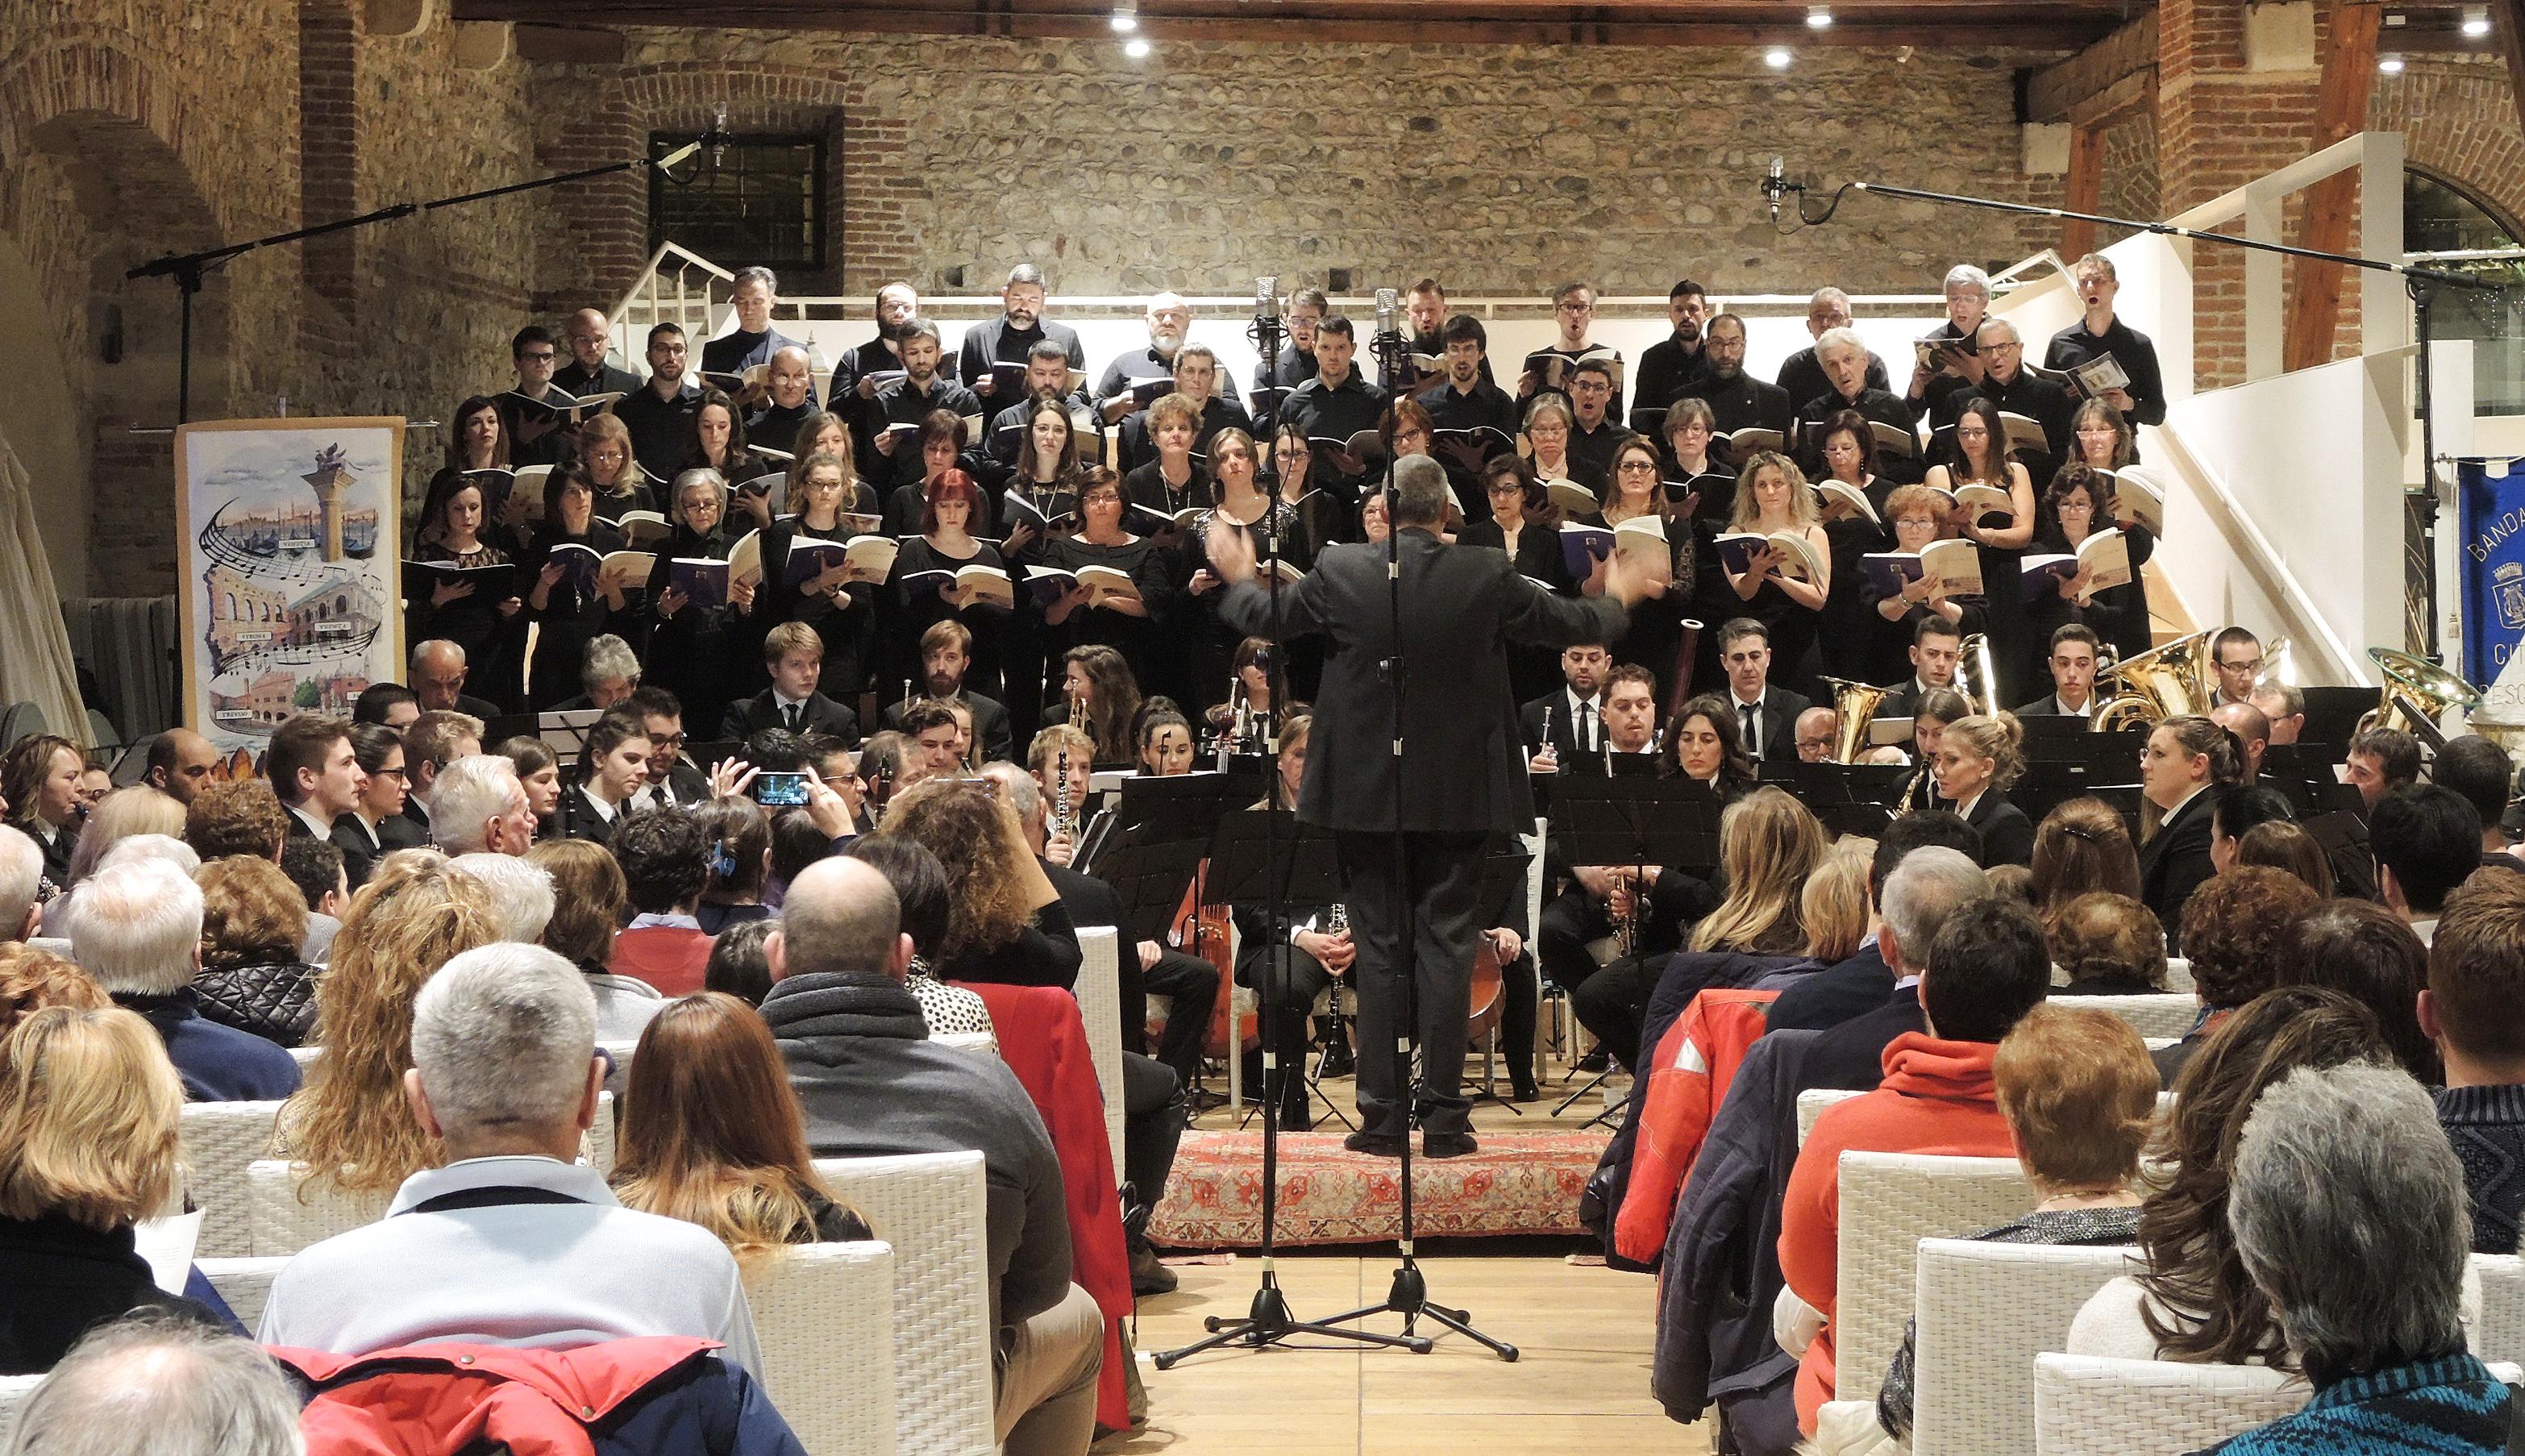 23.12.2017 - J. Rutter, Magnificat (Dogana Veneta, Lazise)